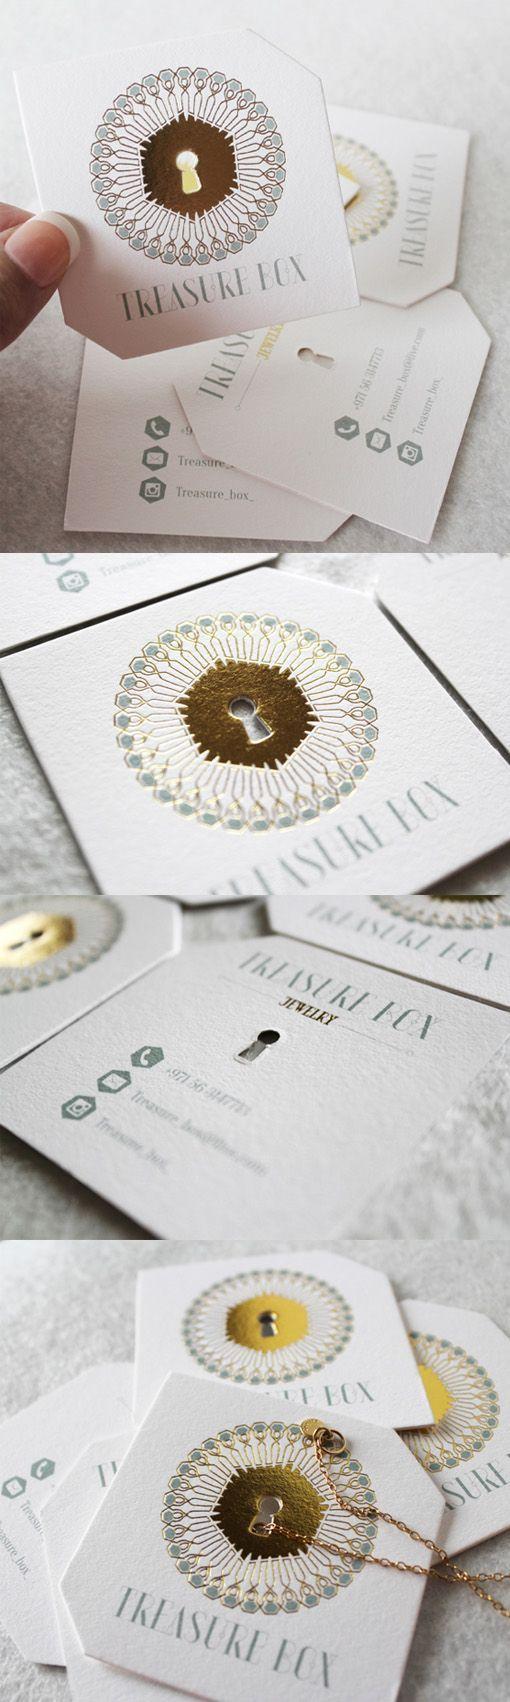 Elegant die cut and gold foil embossed business card for a jewelry elegant die cut and gold foil embossed business card for a jewelry store reheart Gallery